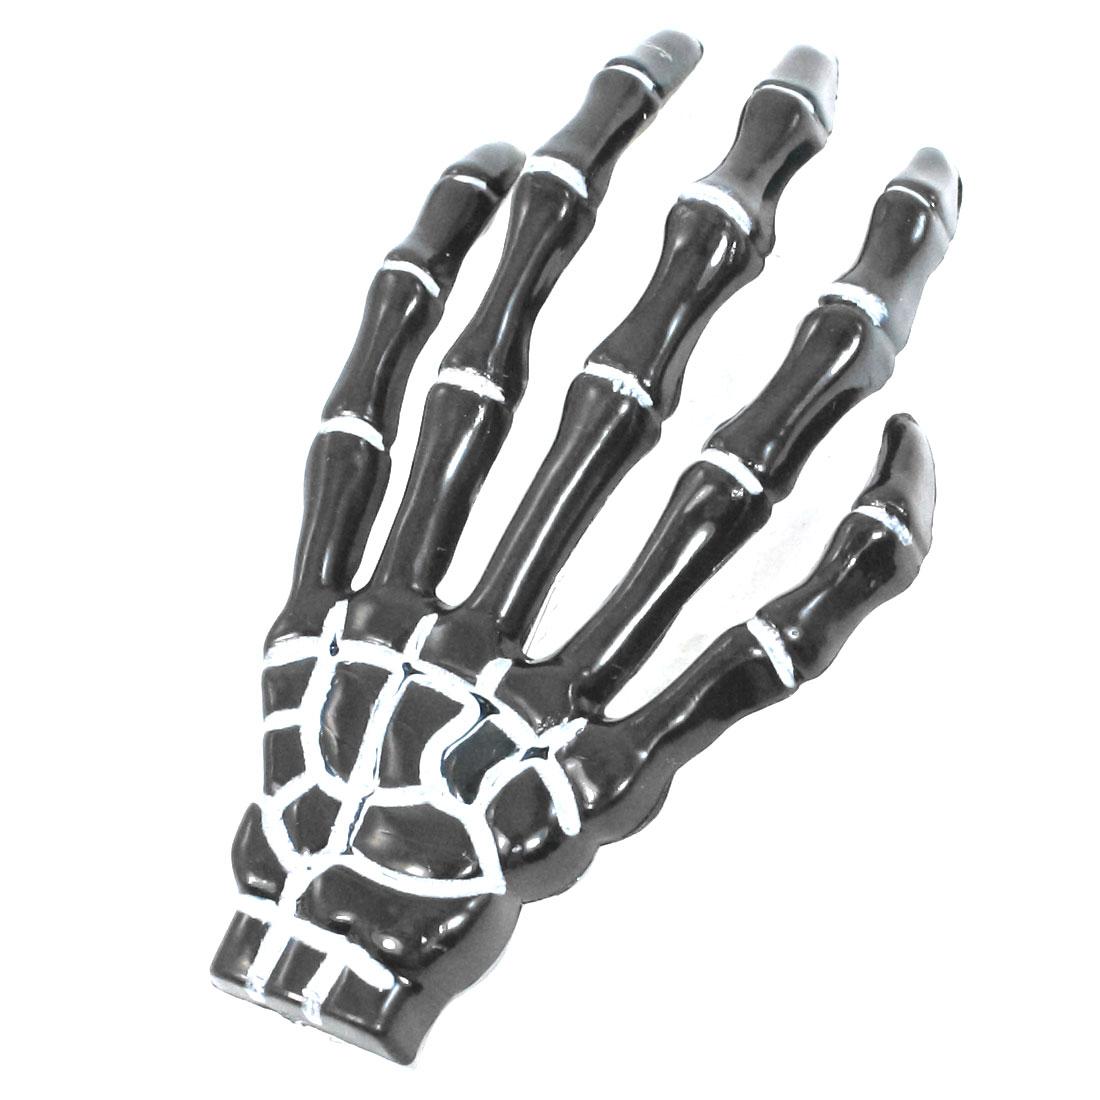 Black Skeleton Hands shape Metal Teeth Alligator Hairpin Hair Clips